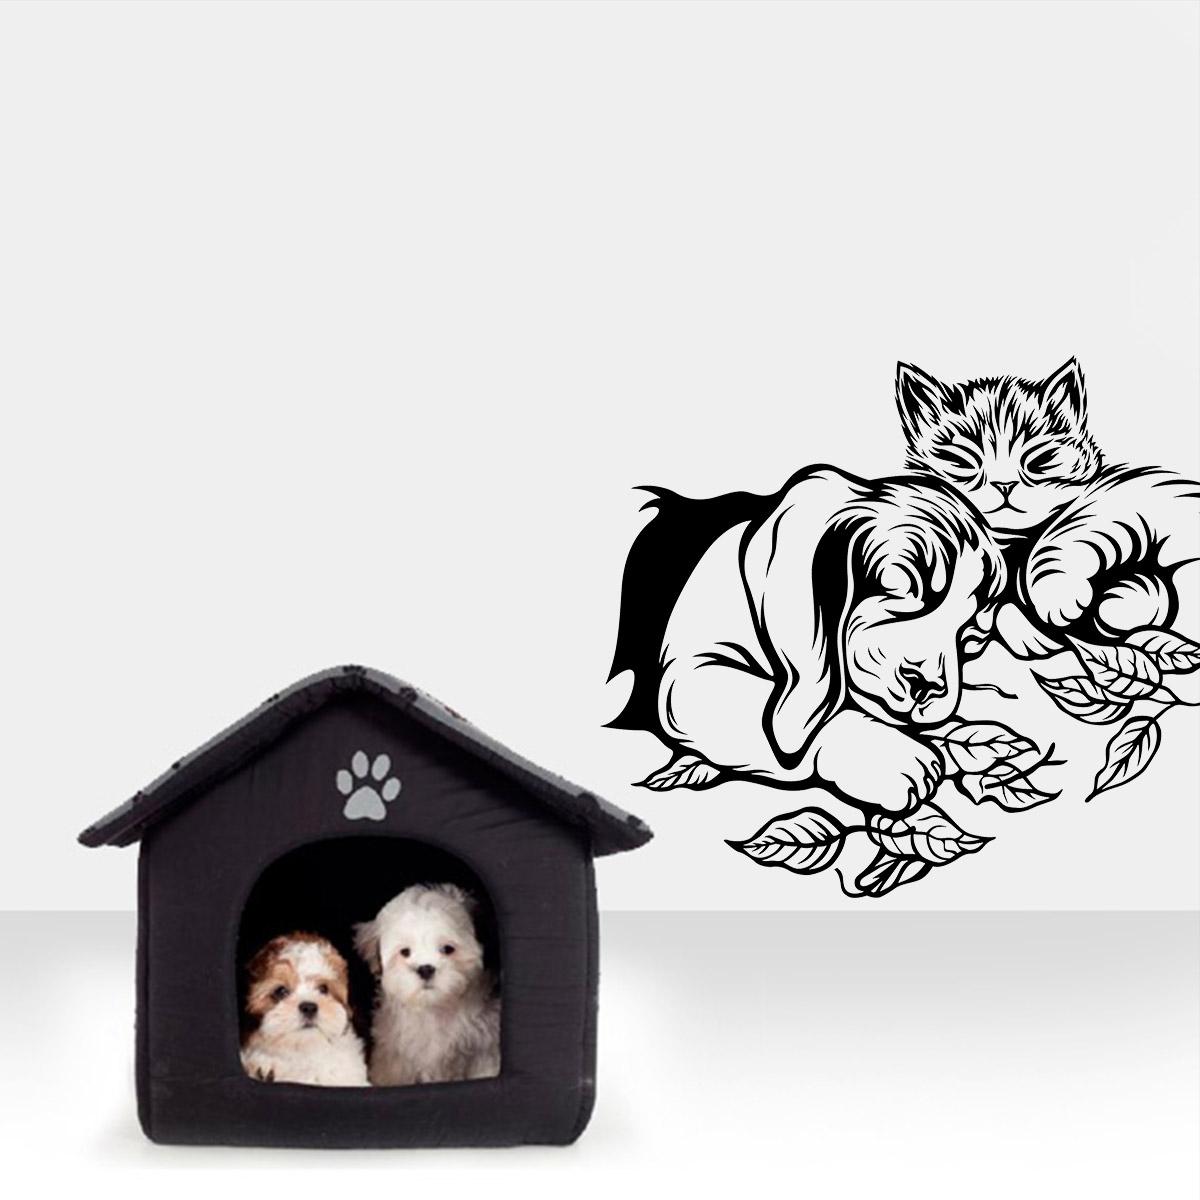 Adesivo Porta De Banheiro ~ Adesivo de Parede Animais Gato e Cachorro Dormindo